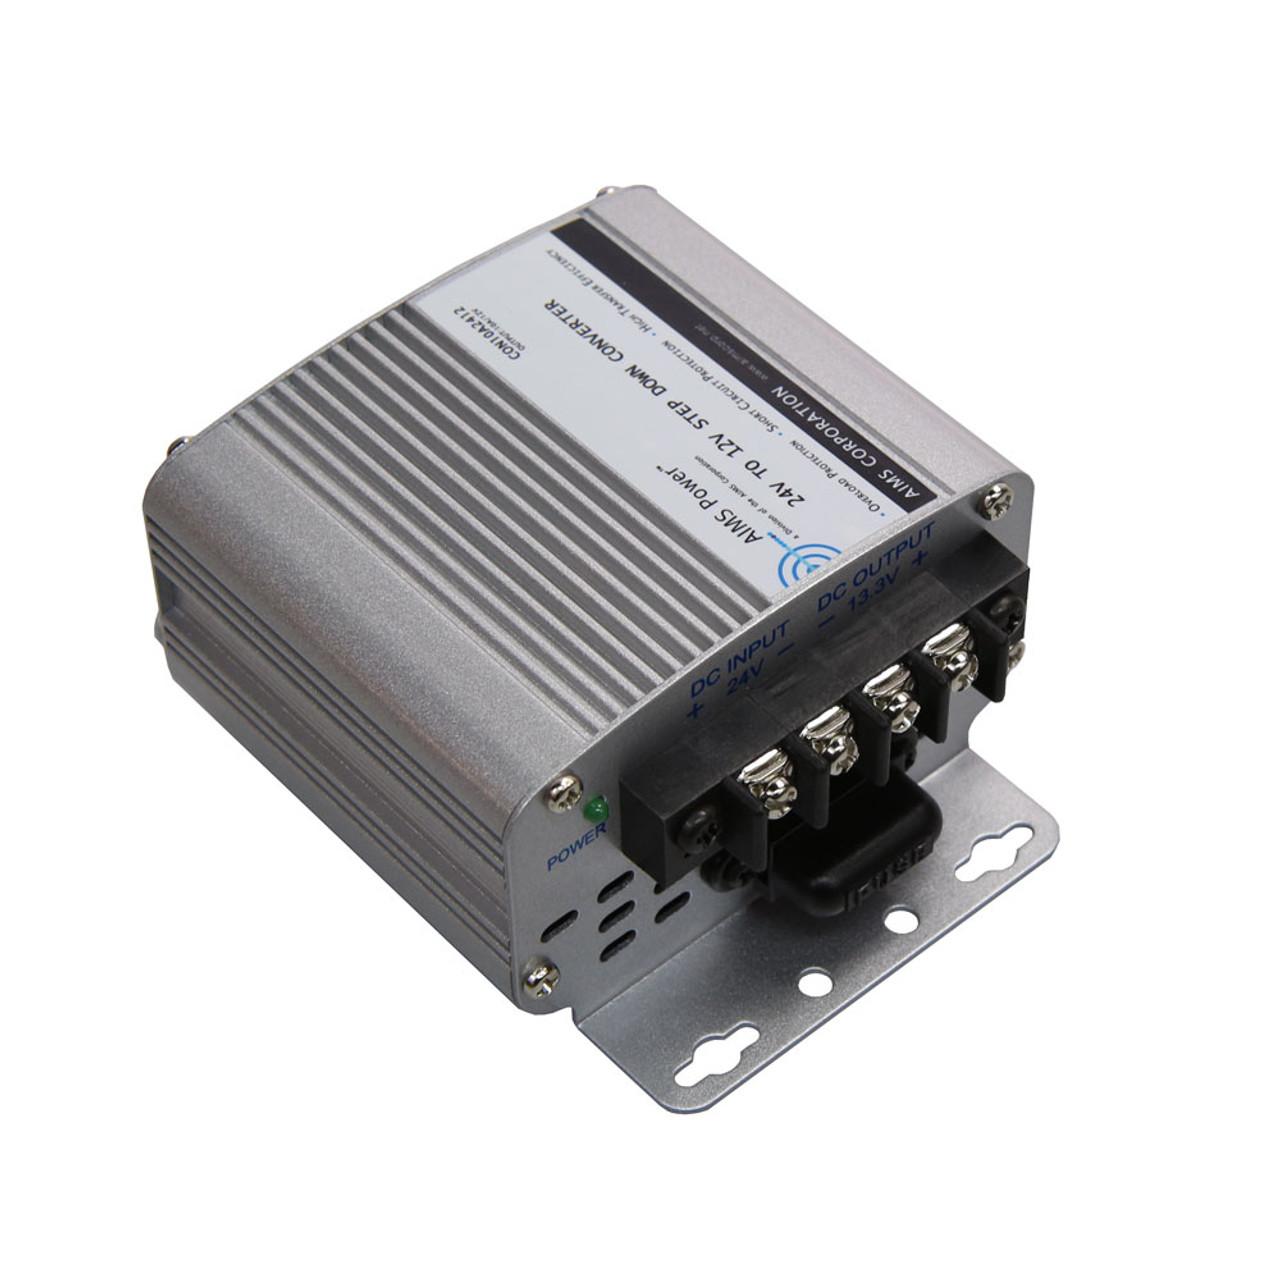 AIMS 10 Amp 24V to 12V DC-DC Converter